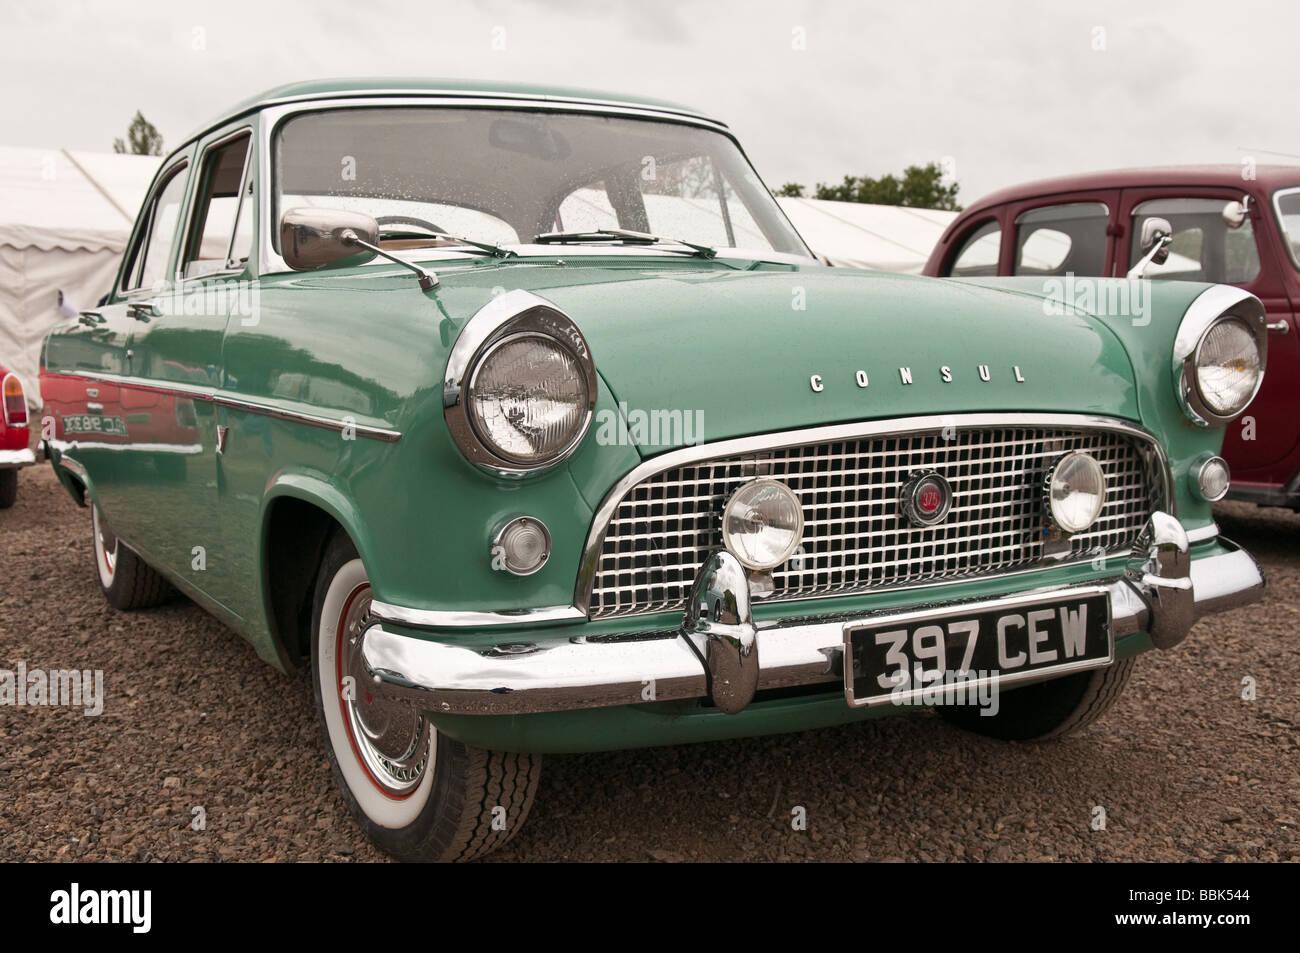 Buy My Vintage Car